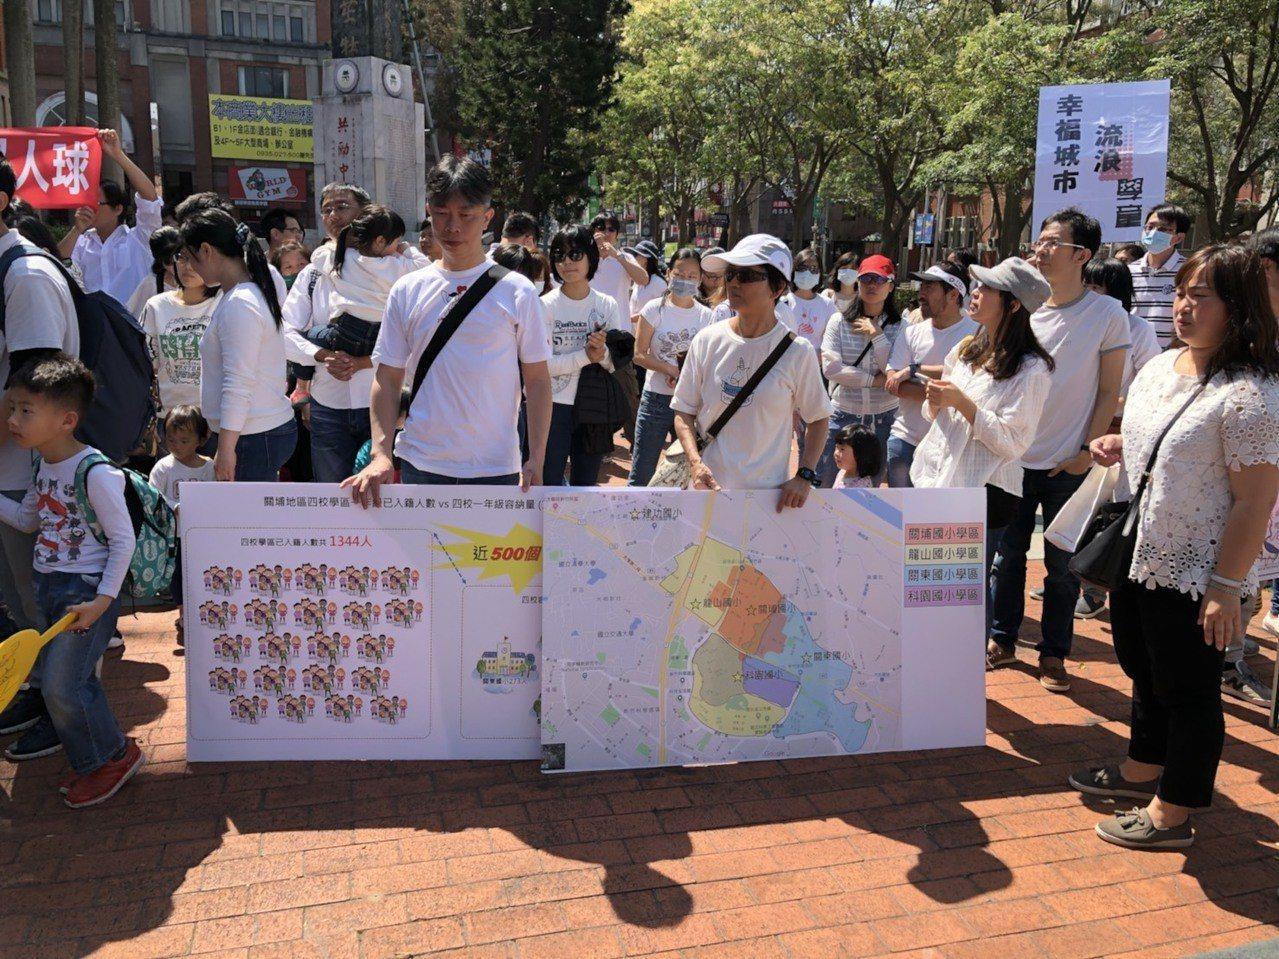 被譽為新竹市第1所「城市中的森林校園」的新竹市關埔國小,將在9月招生,卻因不少關...